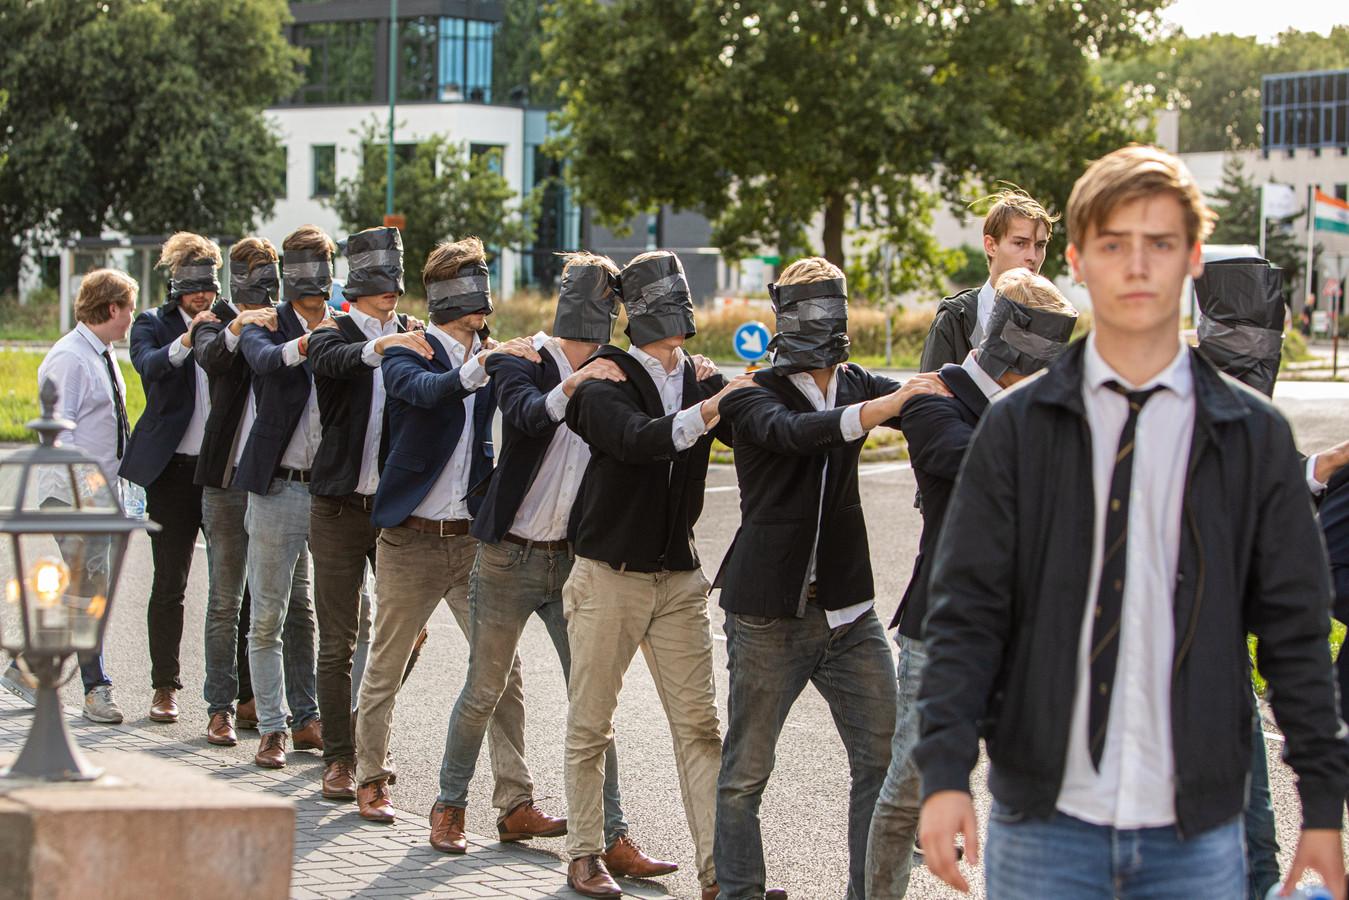 Fotograaf Caspar Huurdeman vond het een komisch tafereel: de ontgroening van Leidse studenten.  De studenten denken daar anders over.